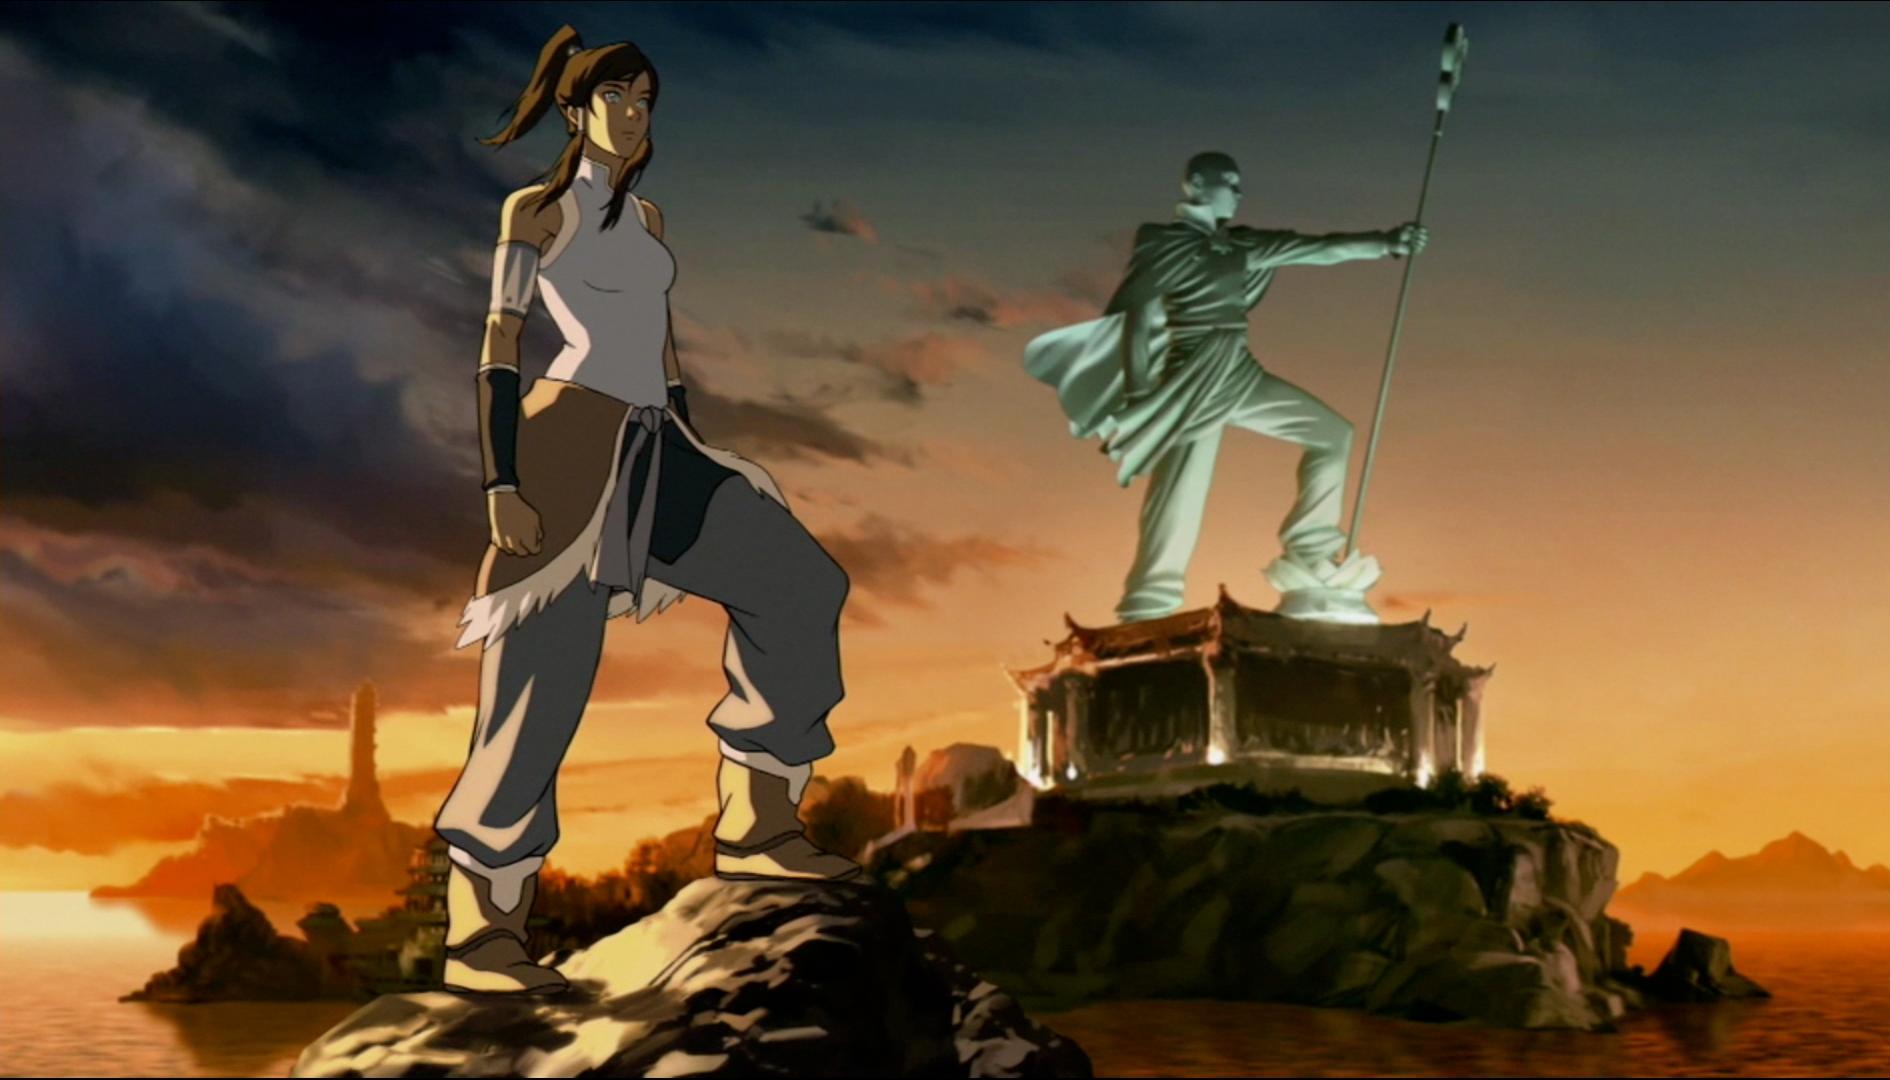 legend-korra-series-finale-season-4-watch-episode